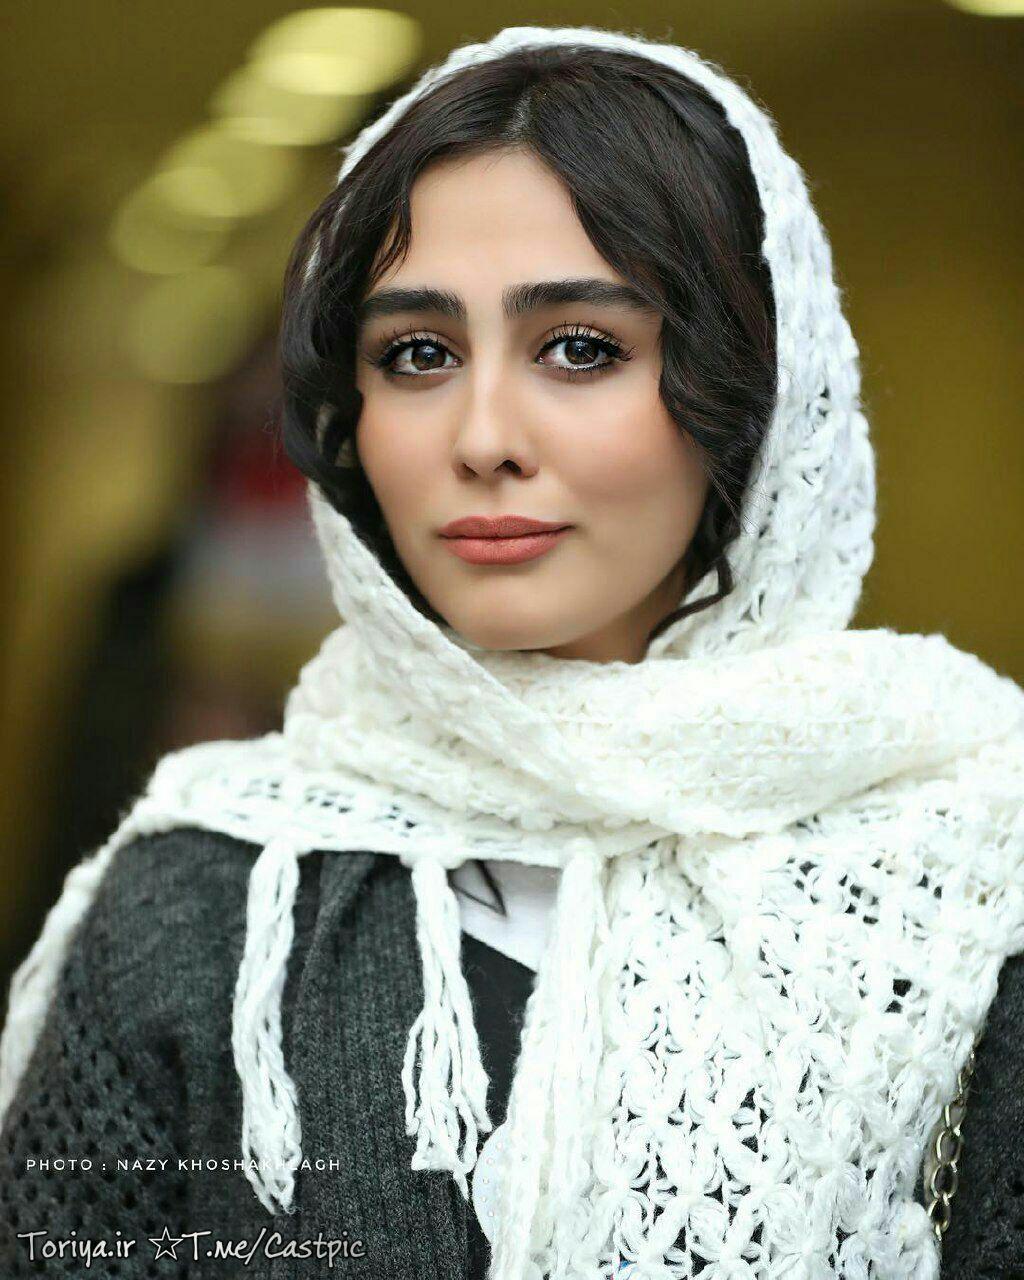 عکسهای ستاره حسینی در اکران خصوصی فیلم وقتی برگشتم